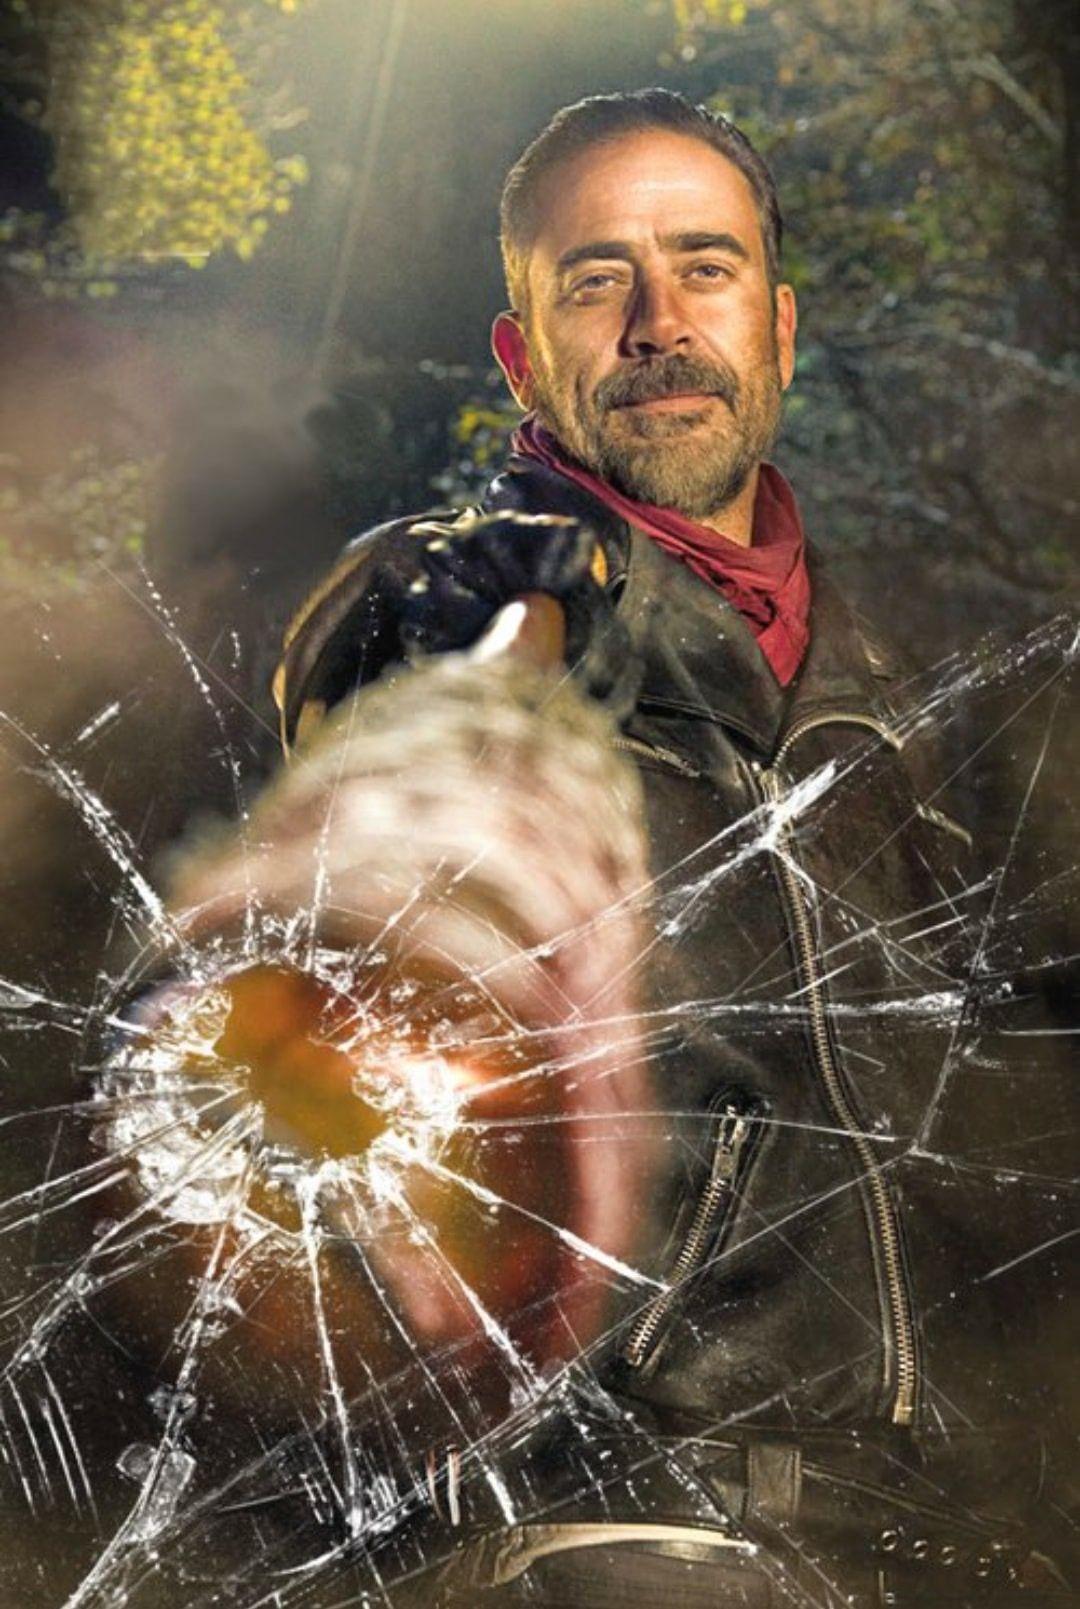 Wallpaper Negan The Walking Dead The walking dead